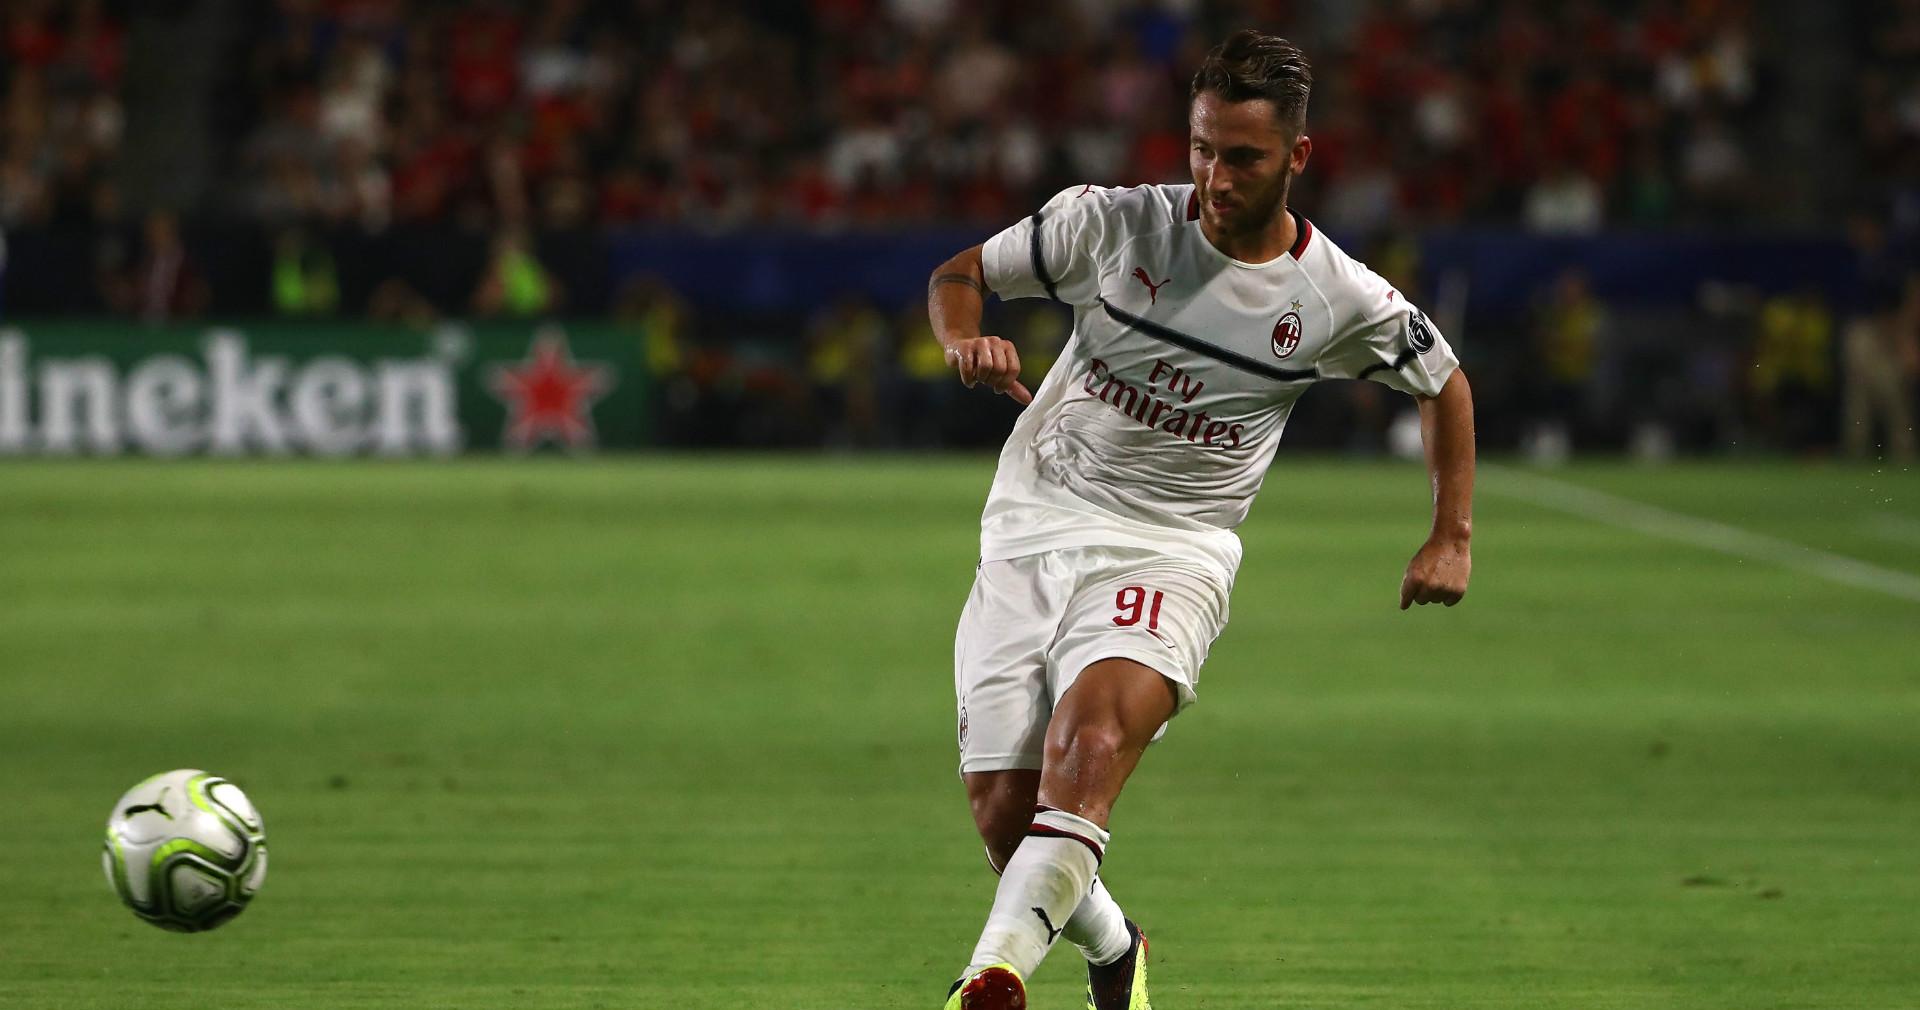 UFFICIALE, Bertolacci nuovo giocatore della Samp